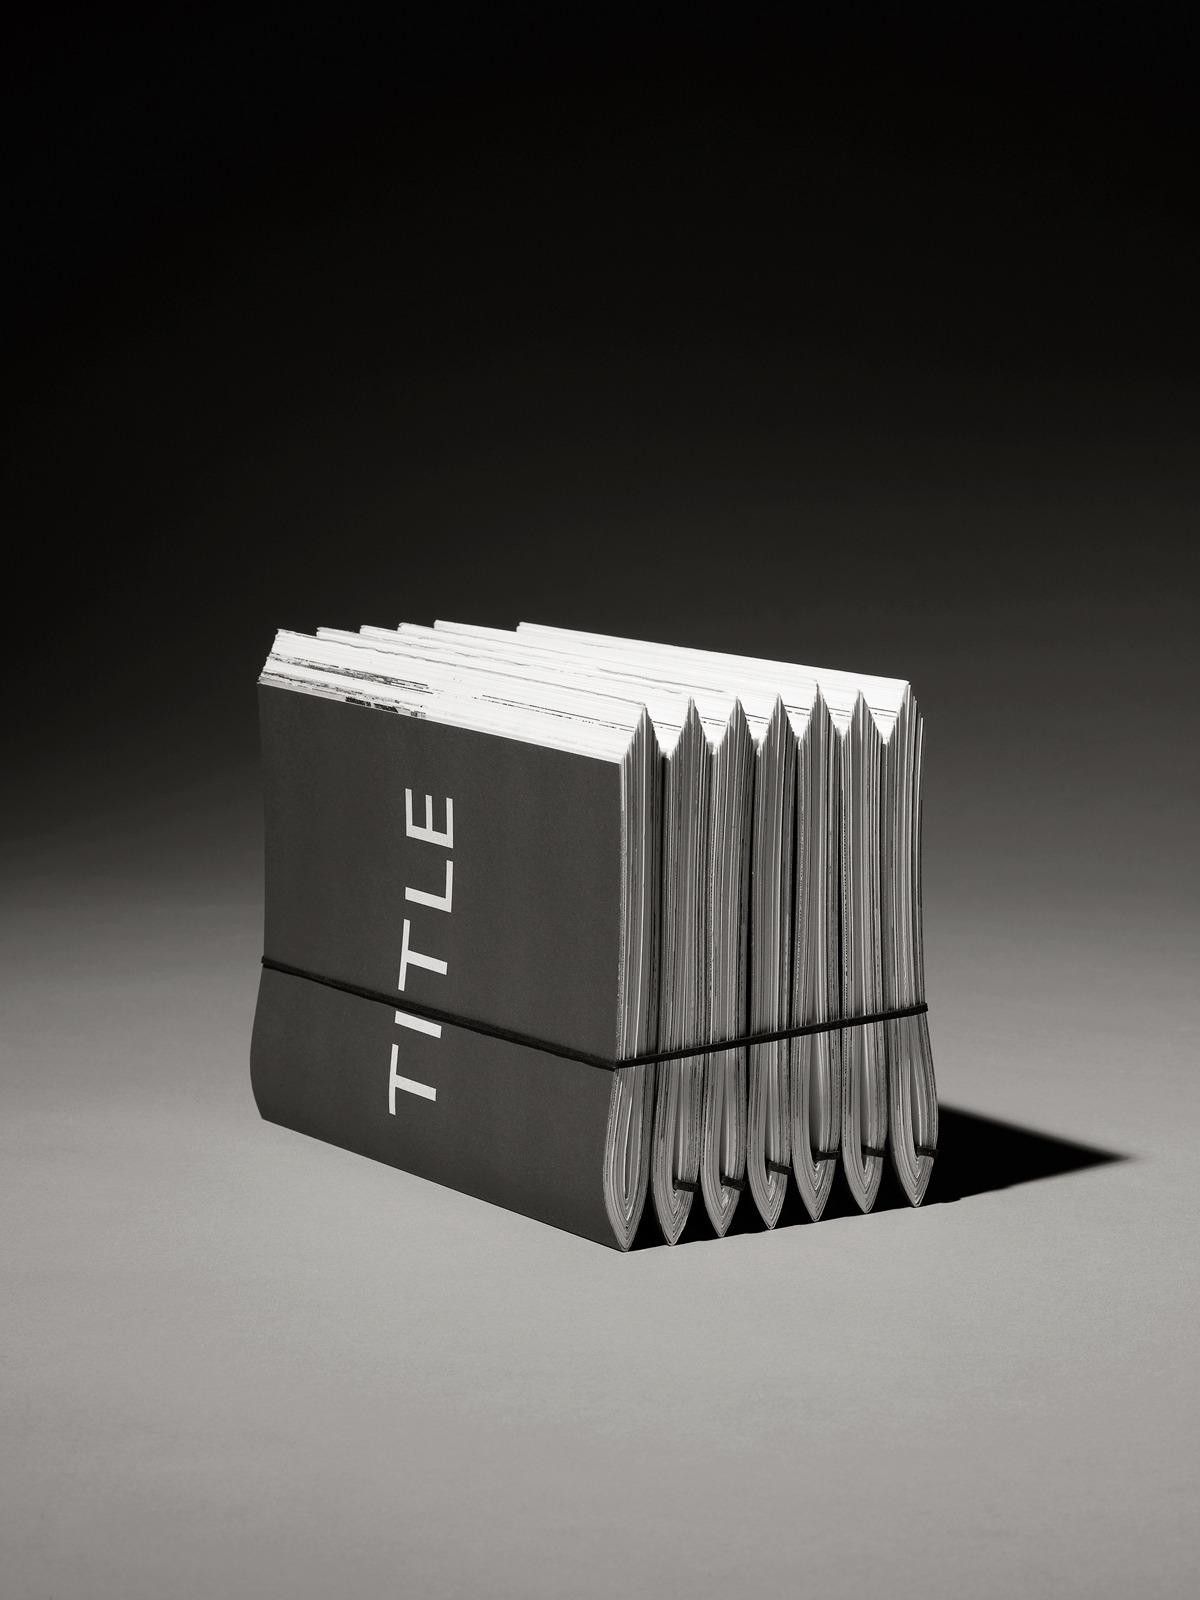 Swiss Federal Design Awards - Schönste Schweizer Bücher 2010